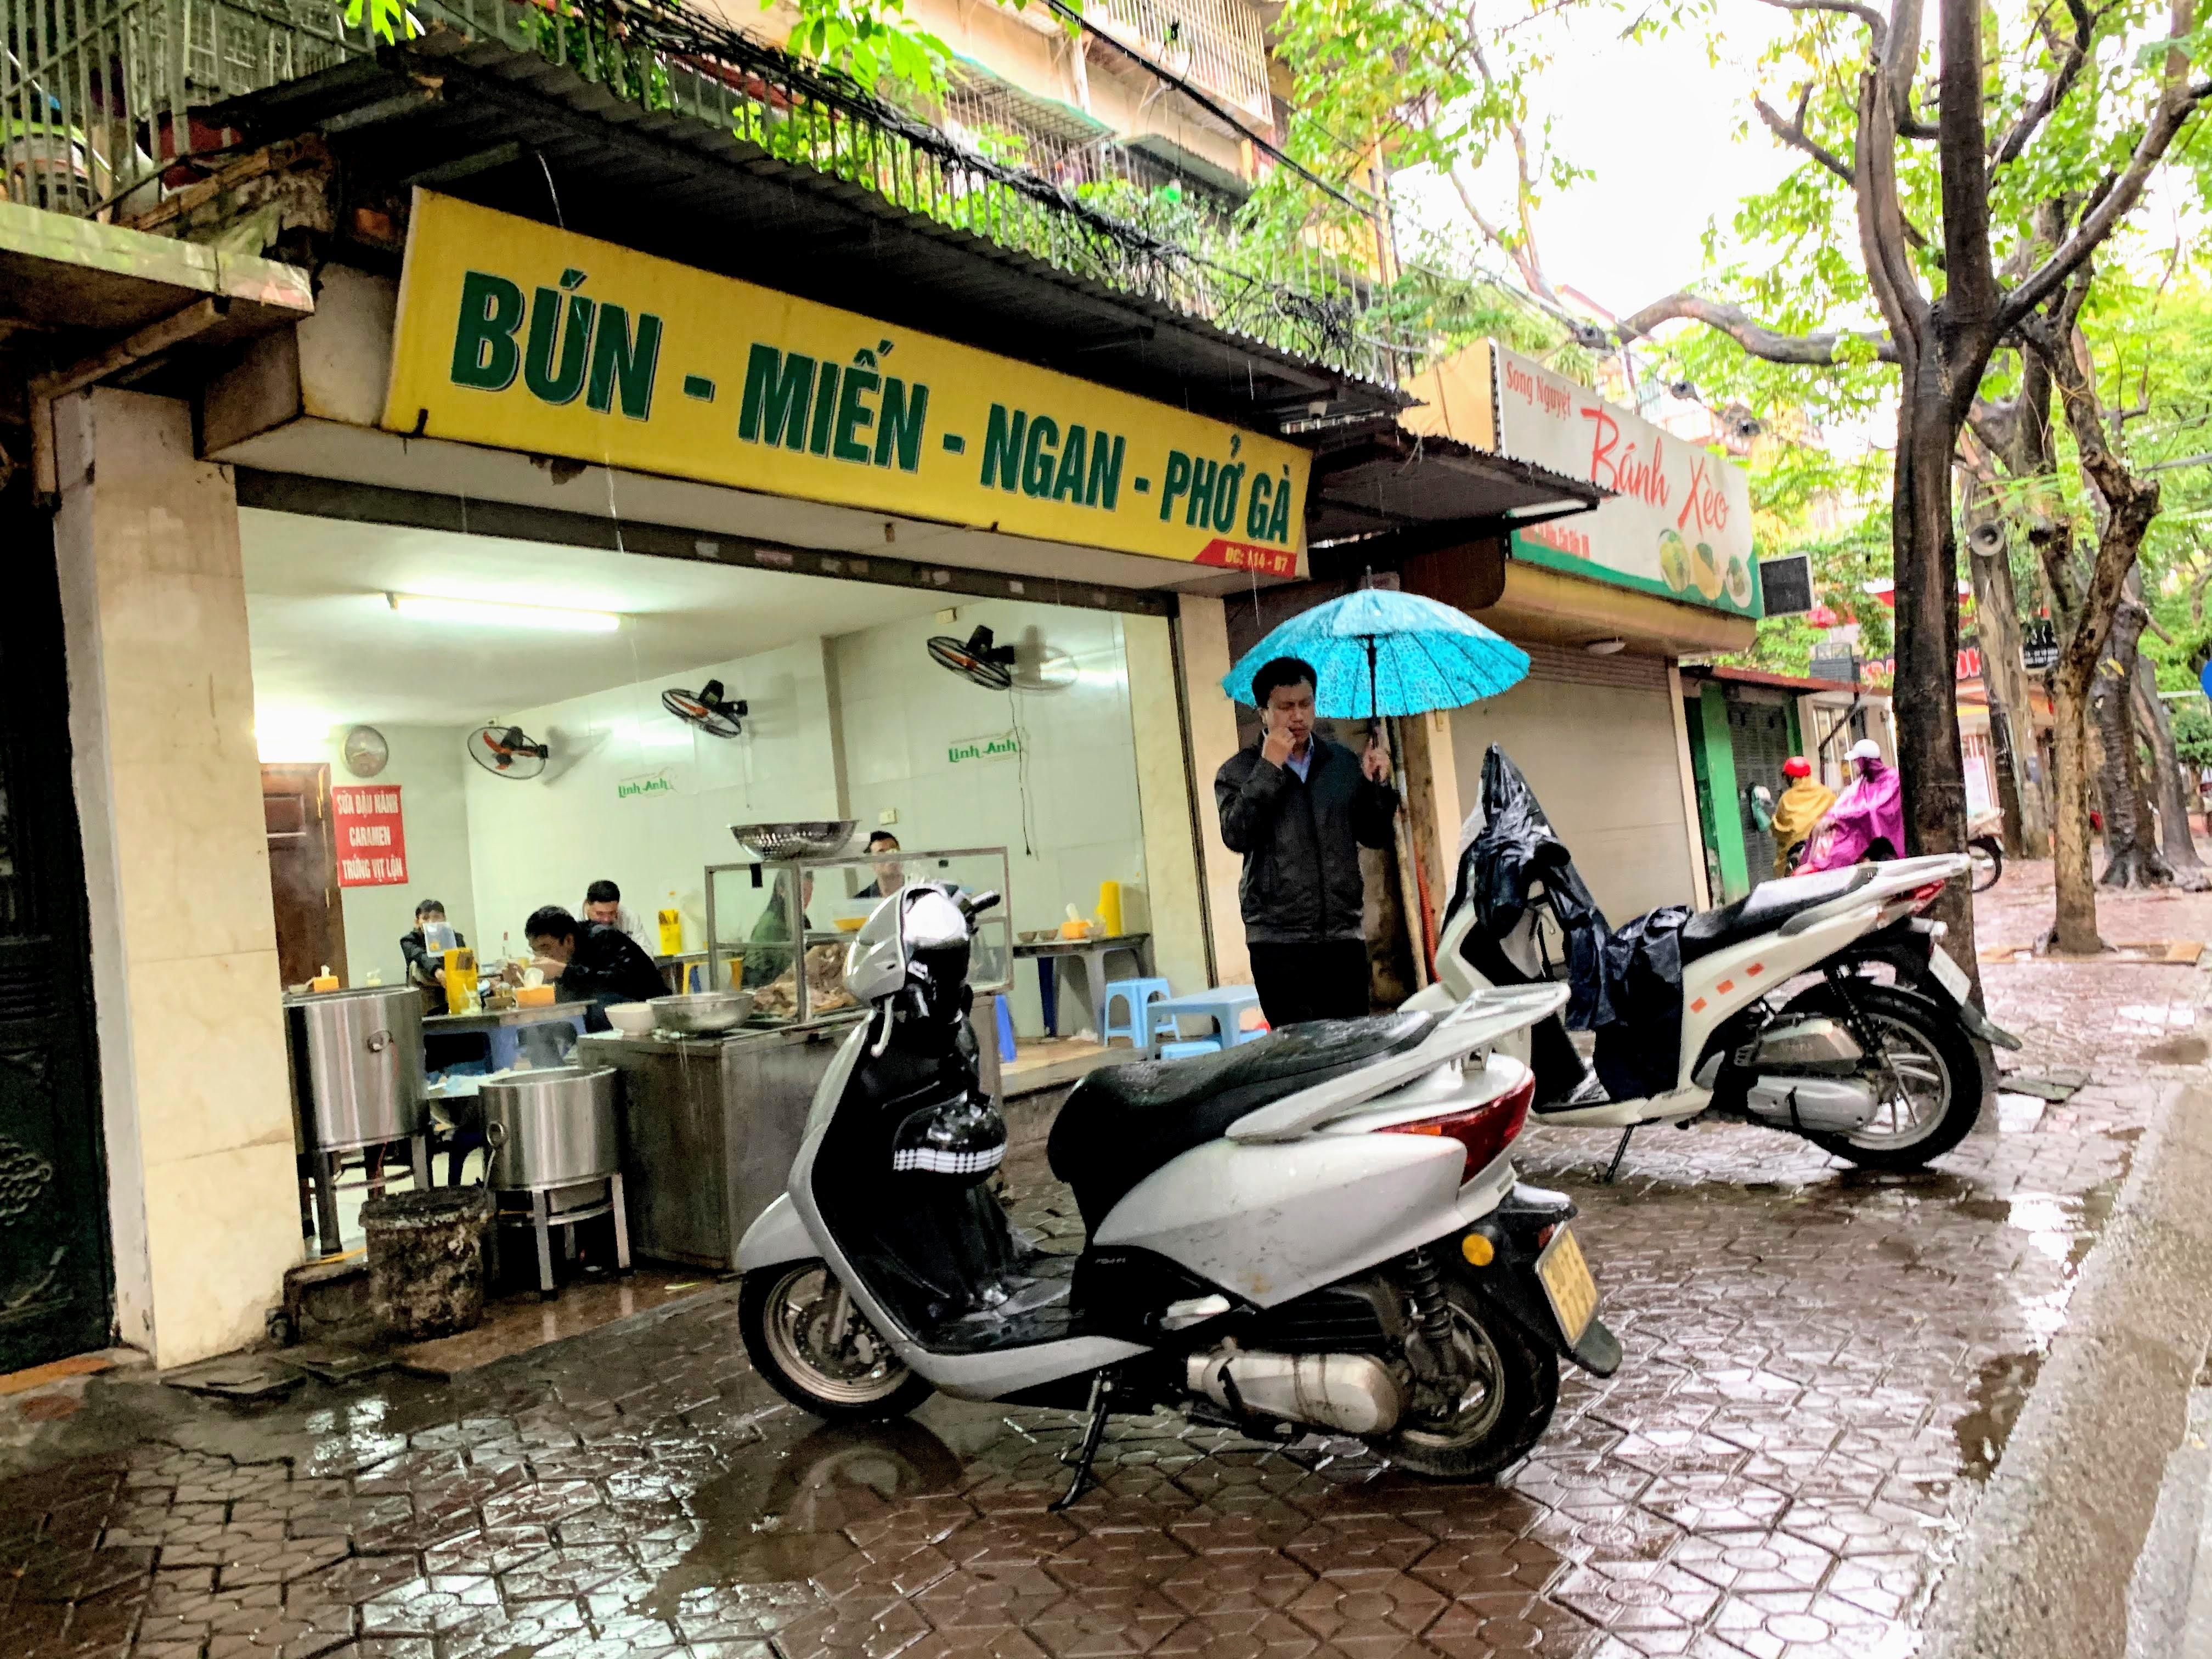 Người Hà Nội đội mưa đi ăn phở, uống cà phê sau cách li: 'Thèm quá, không chịu được' - Ảnh 2.